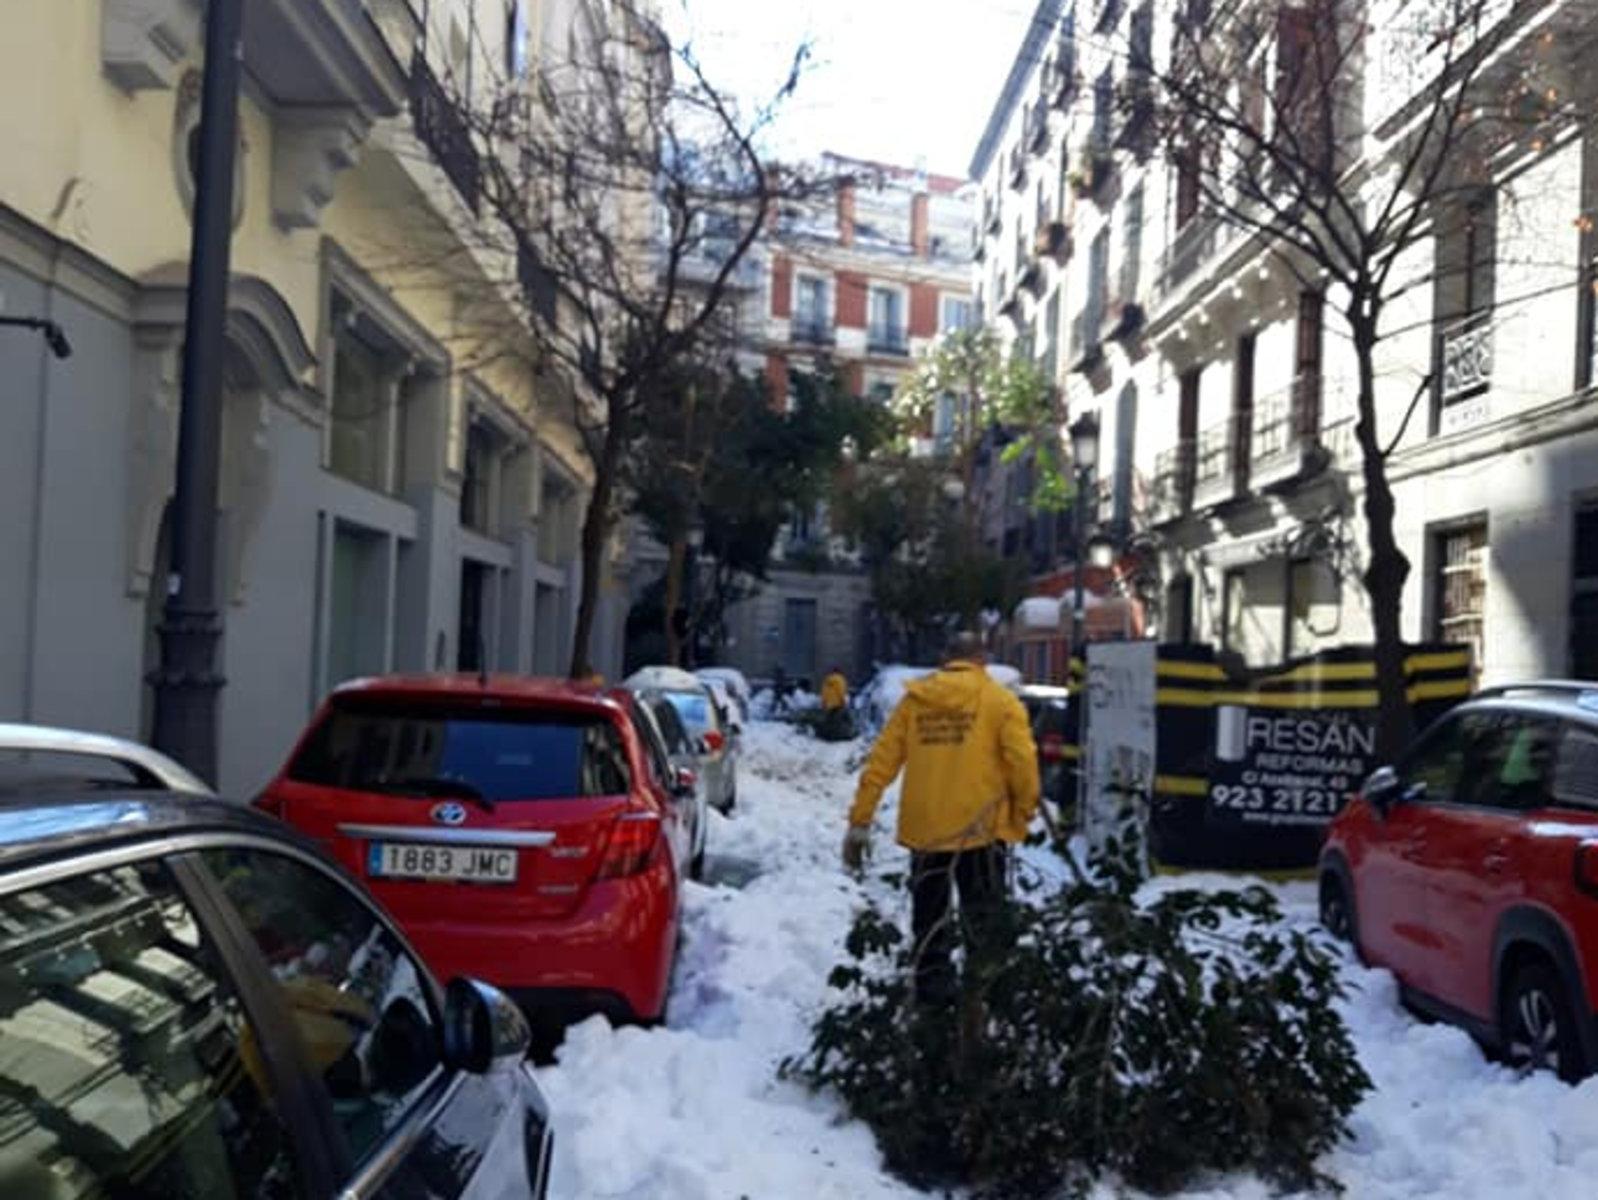 dobrovolní duchovní Scientologické církve Madrid se pustili do odklízení sněhu, ledu a trosek z místních ulic, aby v sousedství zpřístupnili ulice pro lidi, kteří se naléhavě potřebují dostat do neprůchodných částí města